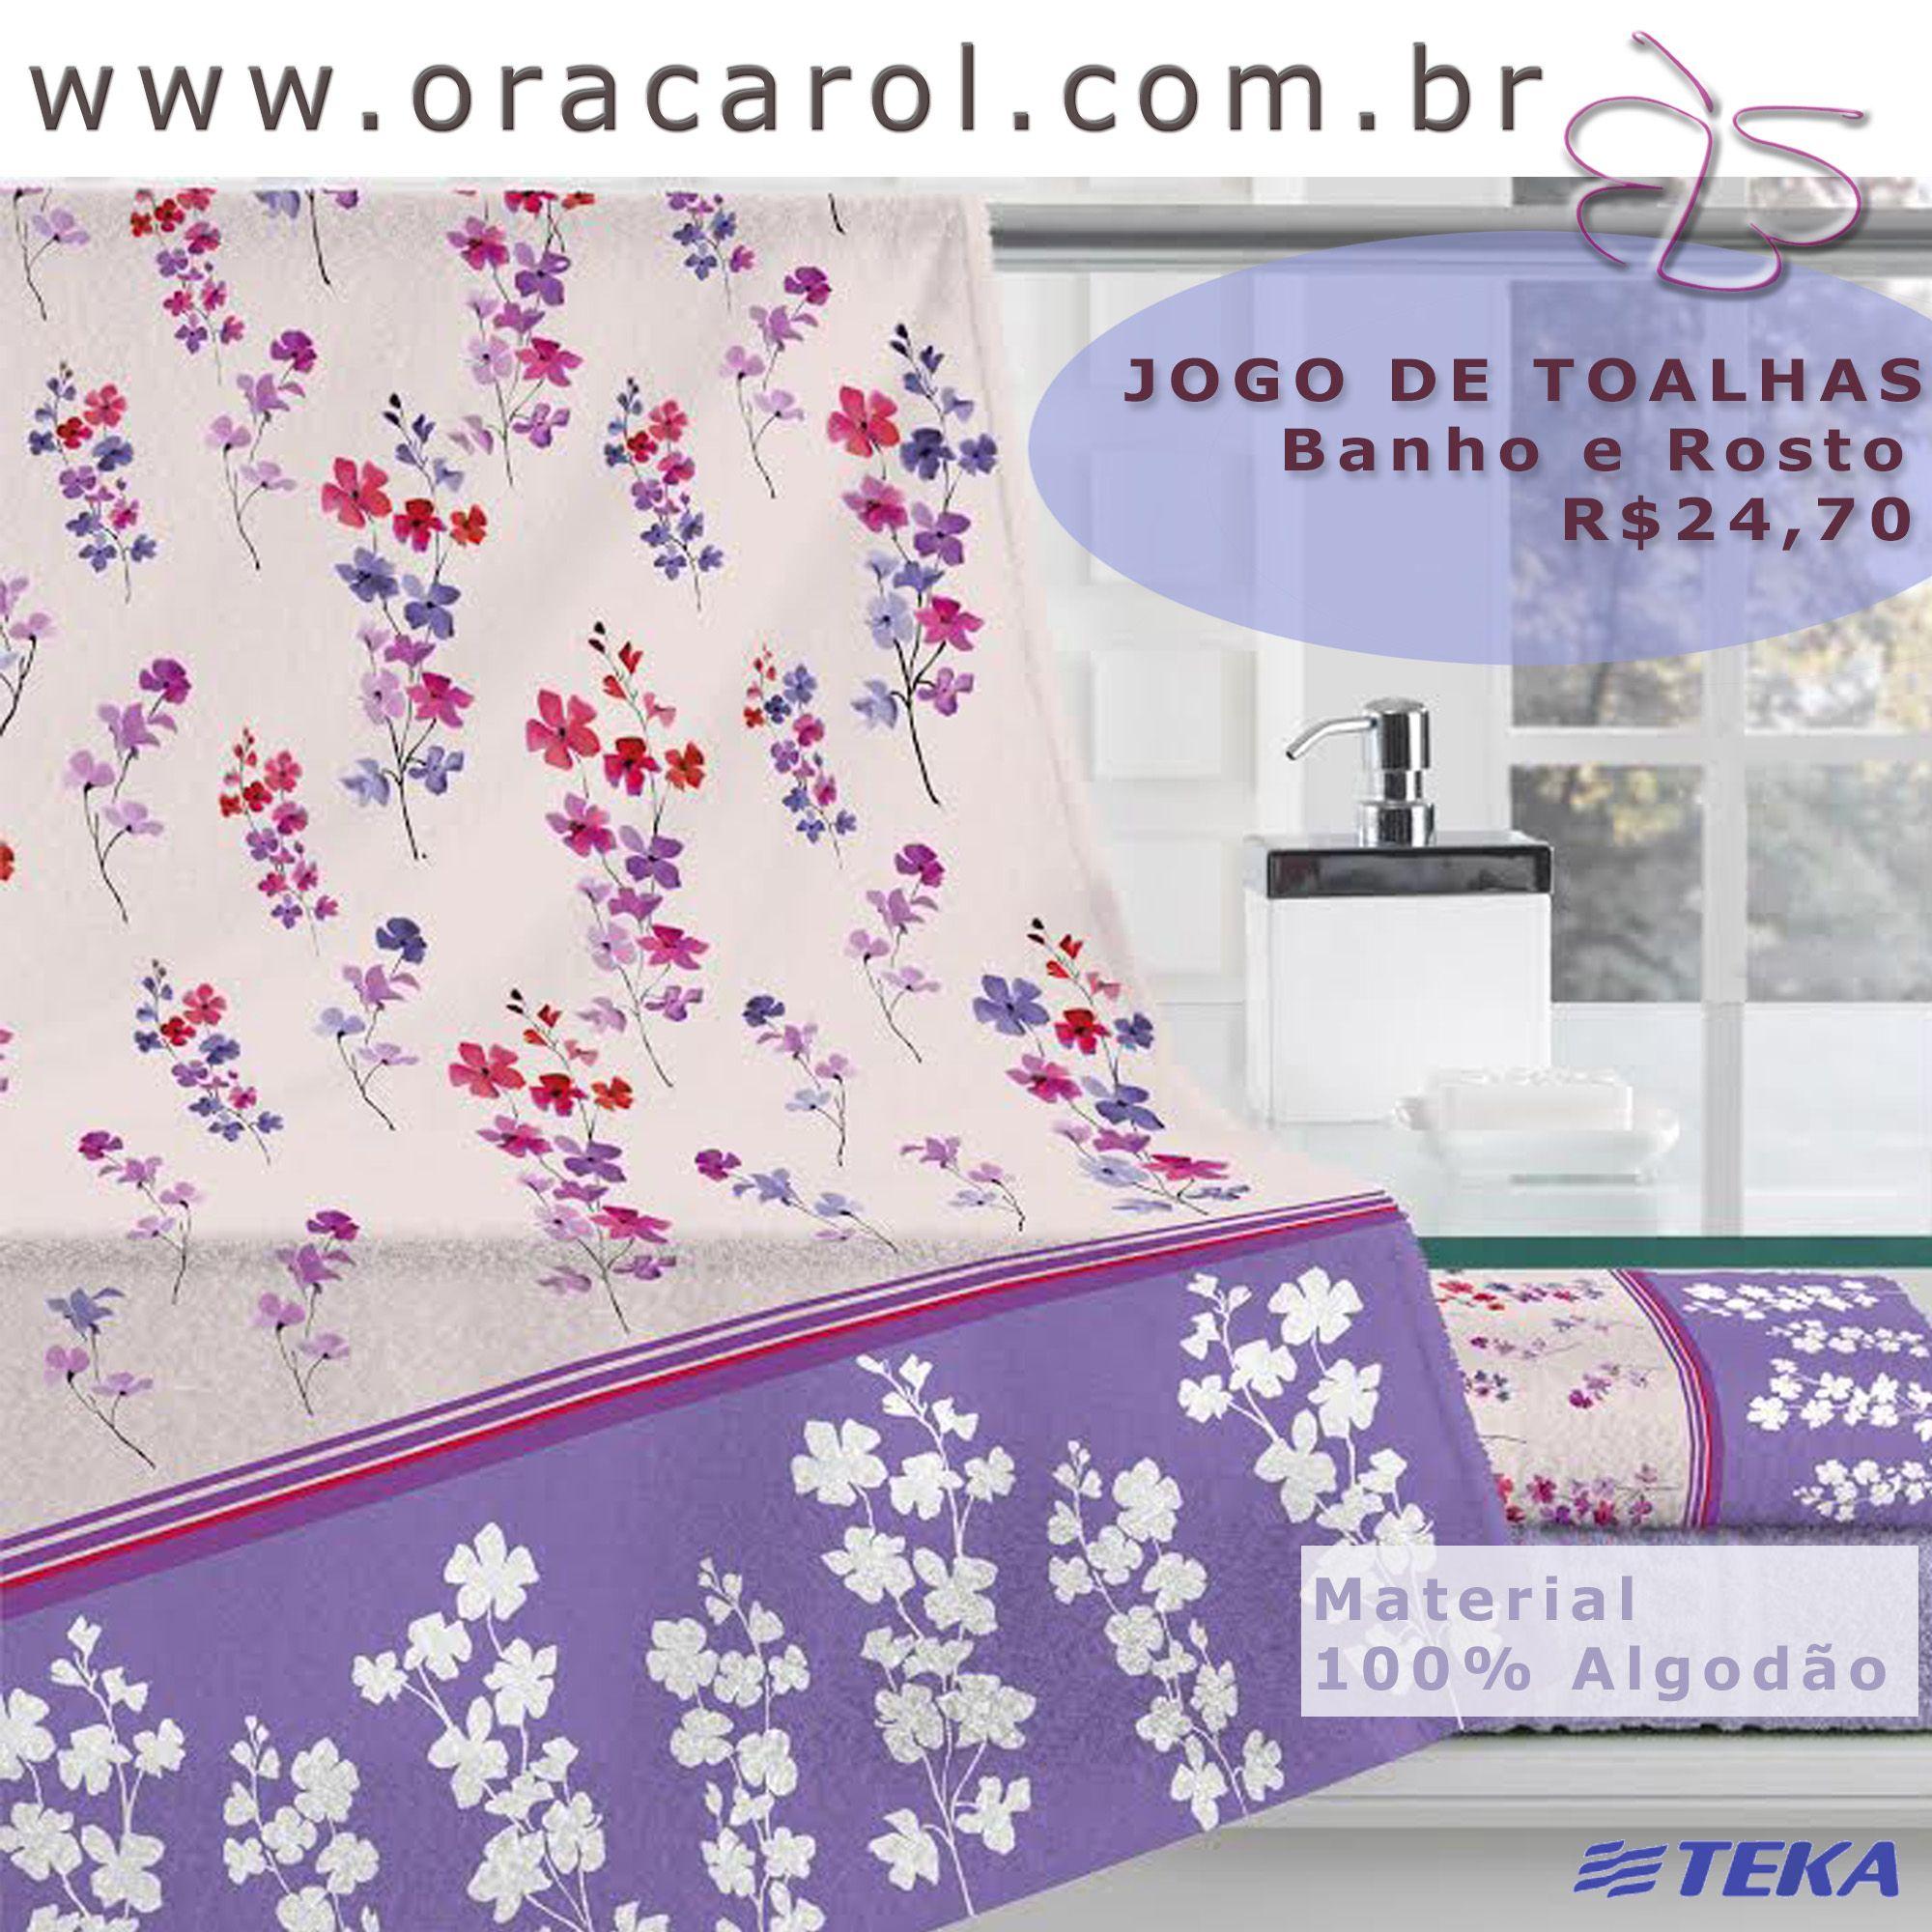 Jogo de Toalhas ----------------- Marca TEKA Conjunto Banho e Rosto R$24,00 --------------------------------------- Toalhas com Estampas lindas que fazem toda a diferença na decoração do banheiro. Devido material ser 100%ALGODÃO em absorção.